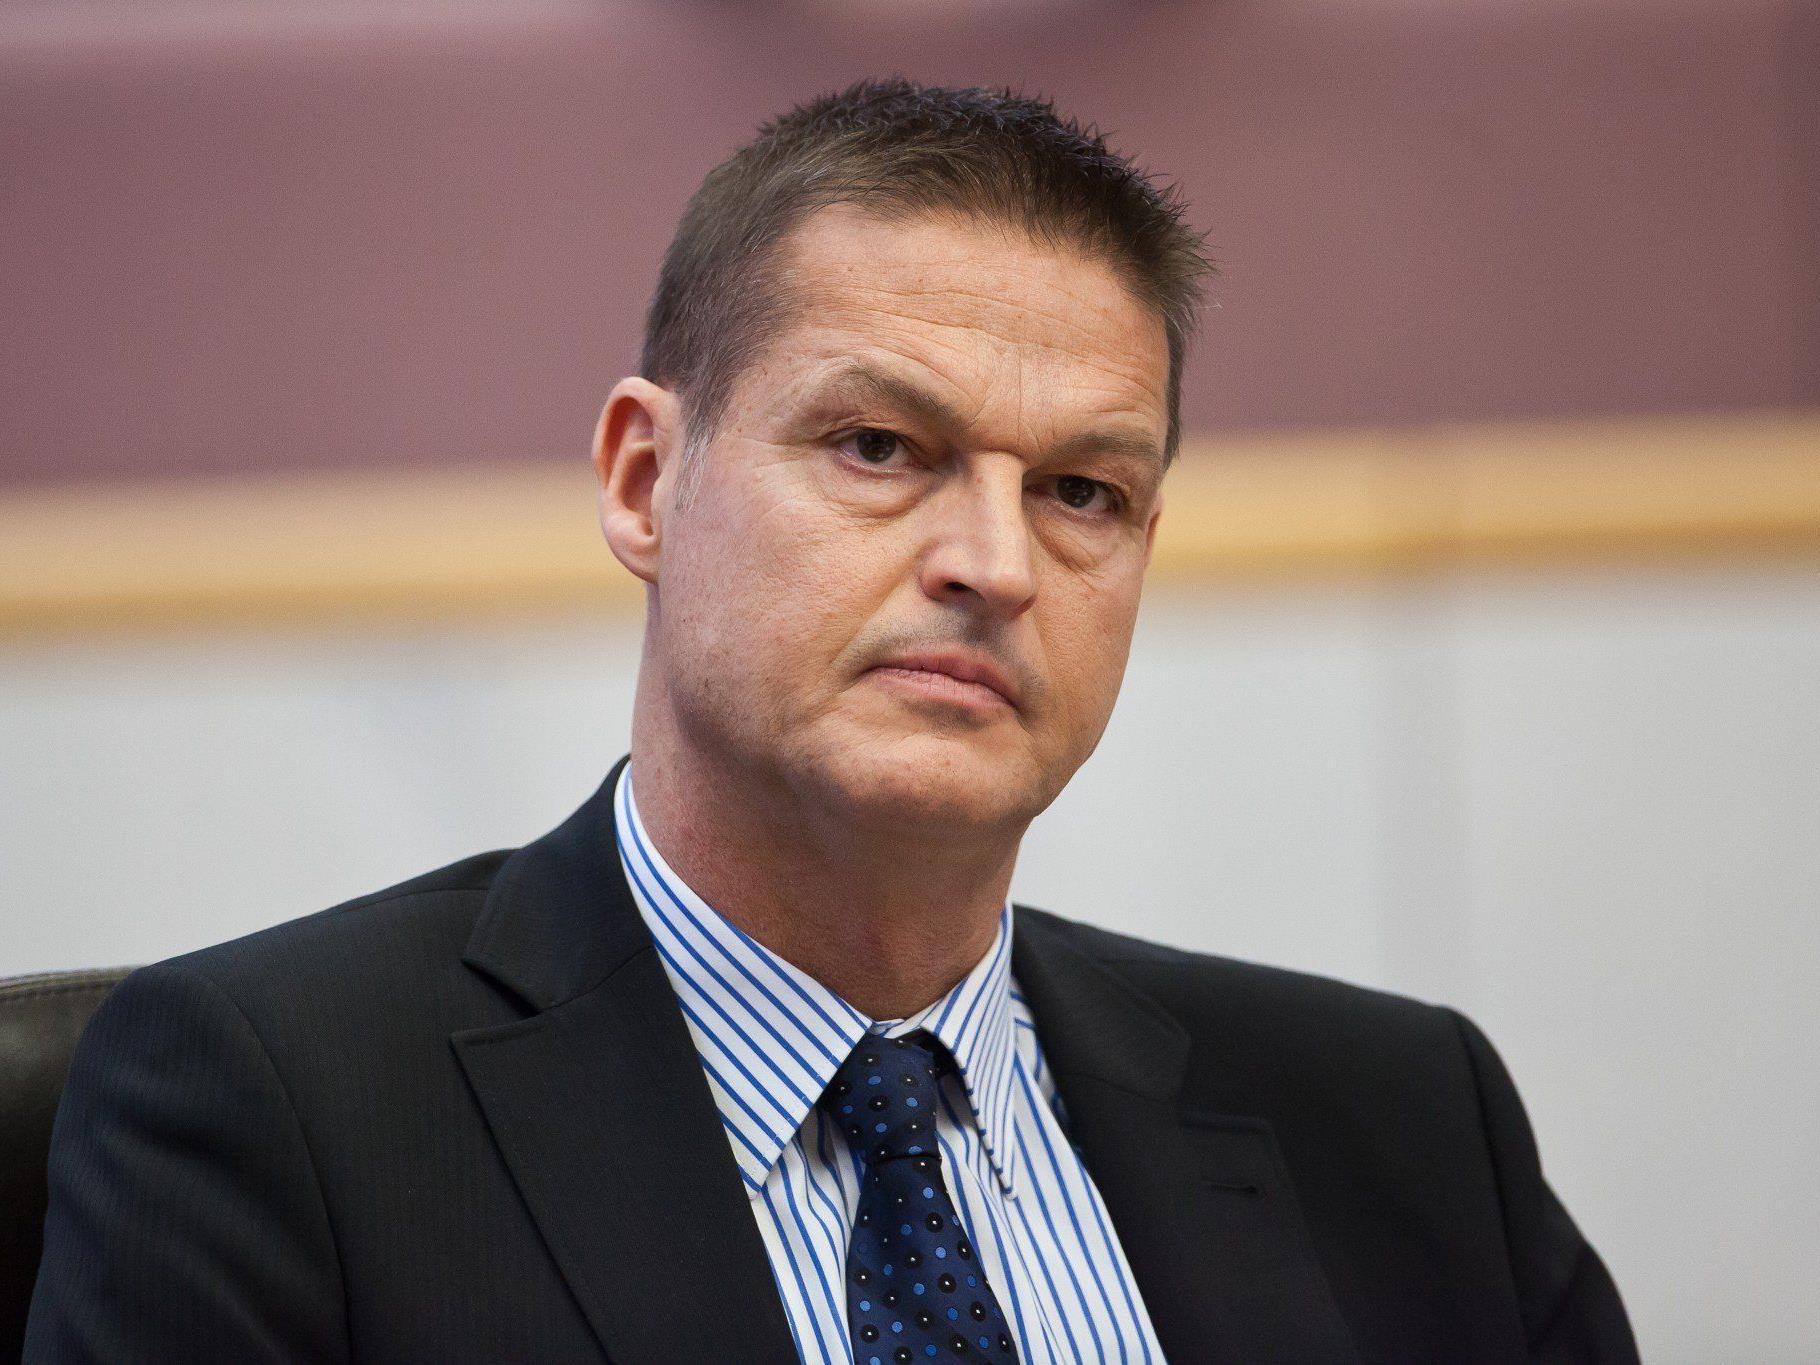 LR Christian Bernhard lässt derzeit die Akzeptanz einer MedUni prüfen.